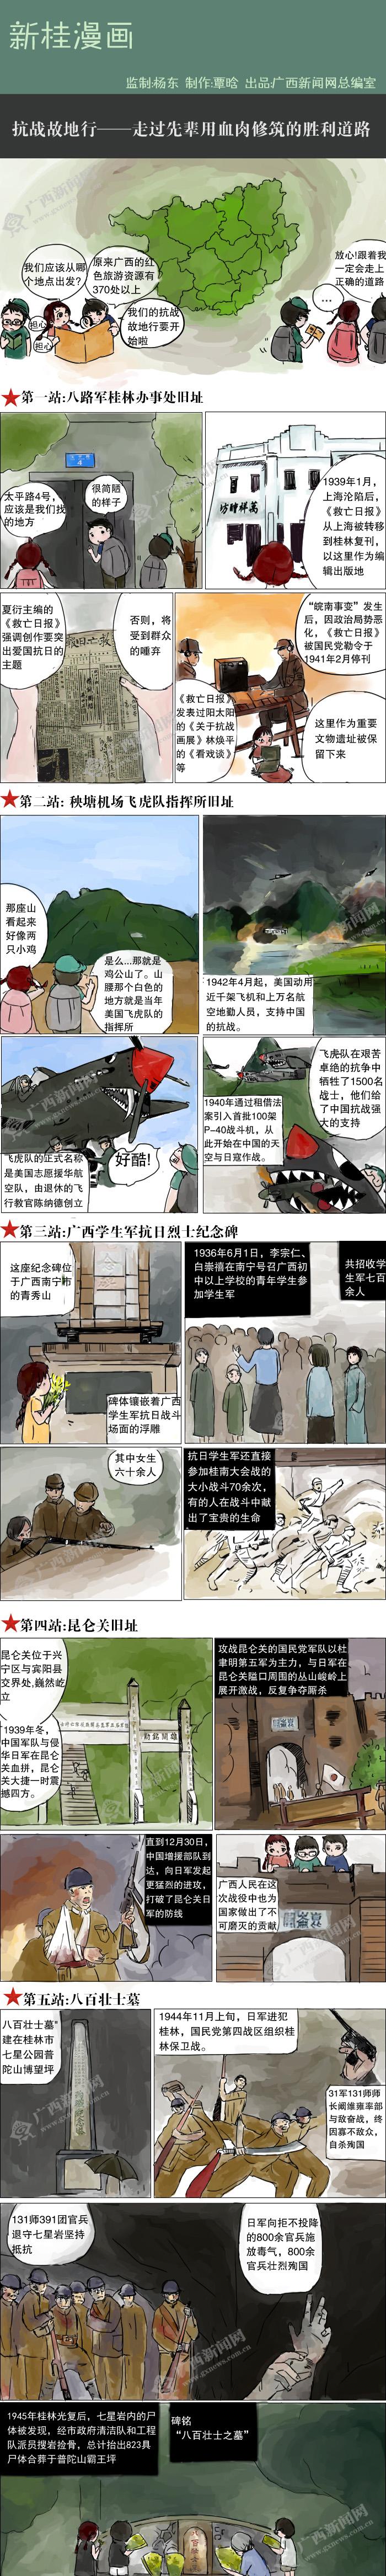 [新桂漫画]抗战故地行――走过先辈用血肉修筑的胜利道路